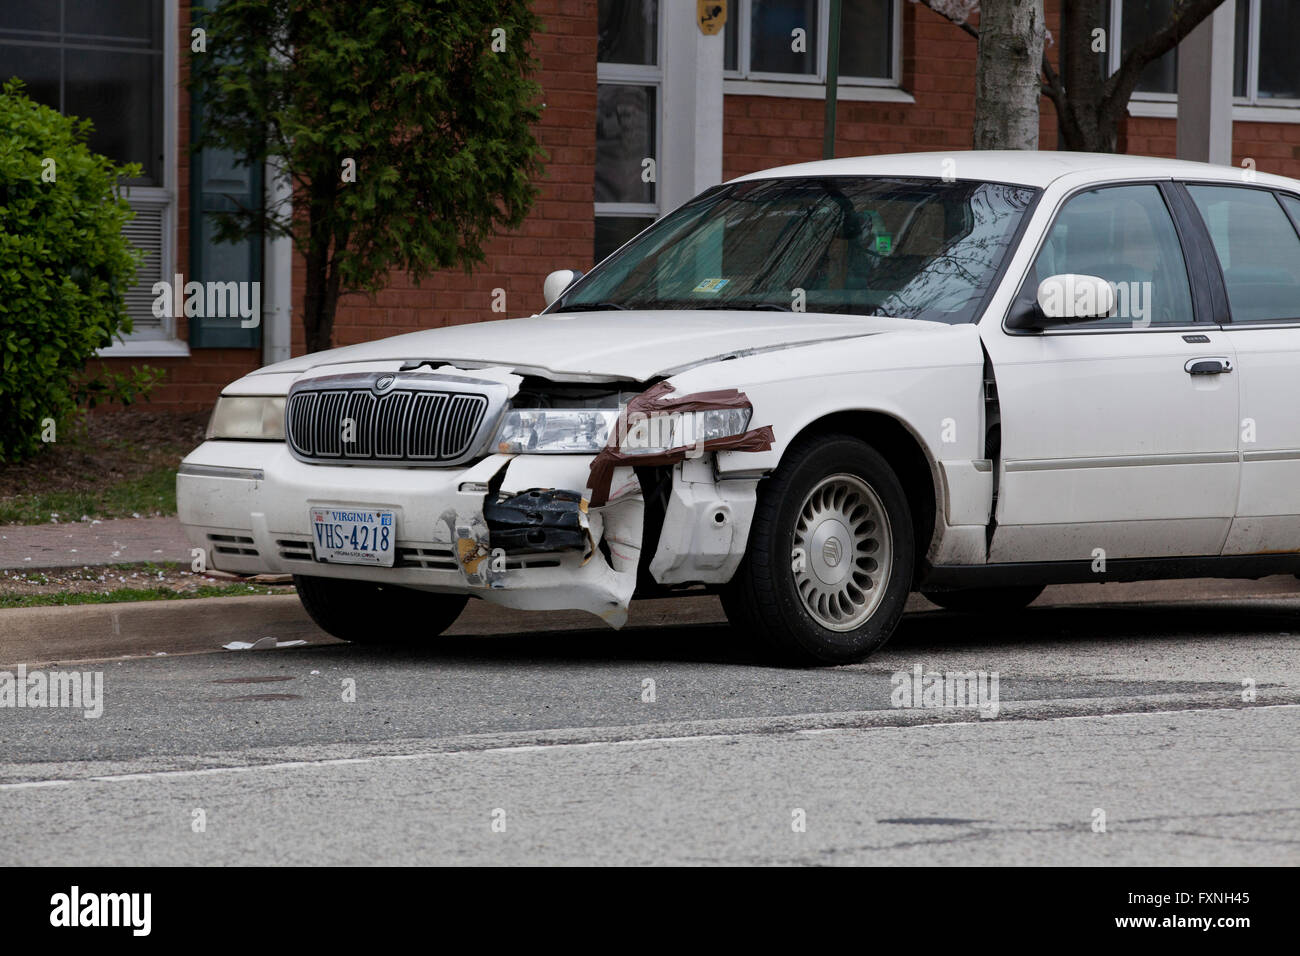 Older Car Model Stock Photos & Older Car Model Stock Images - Alamy